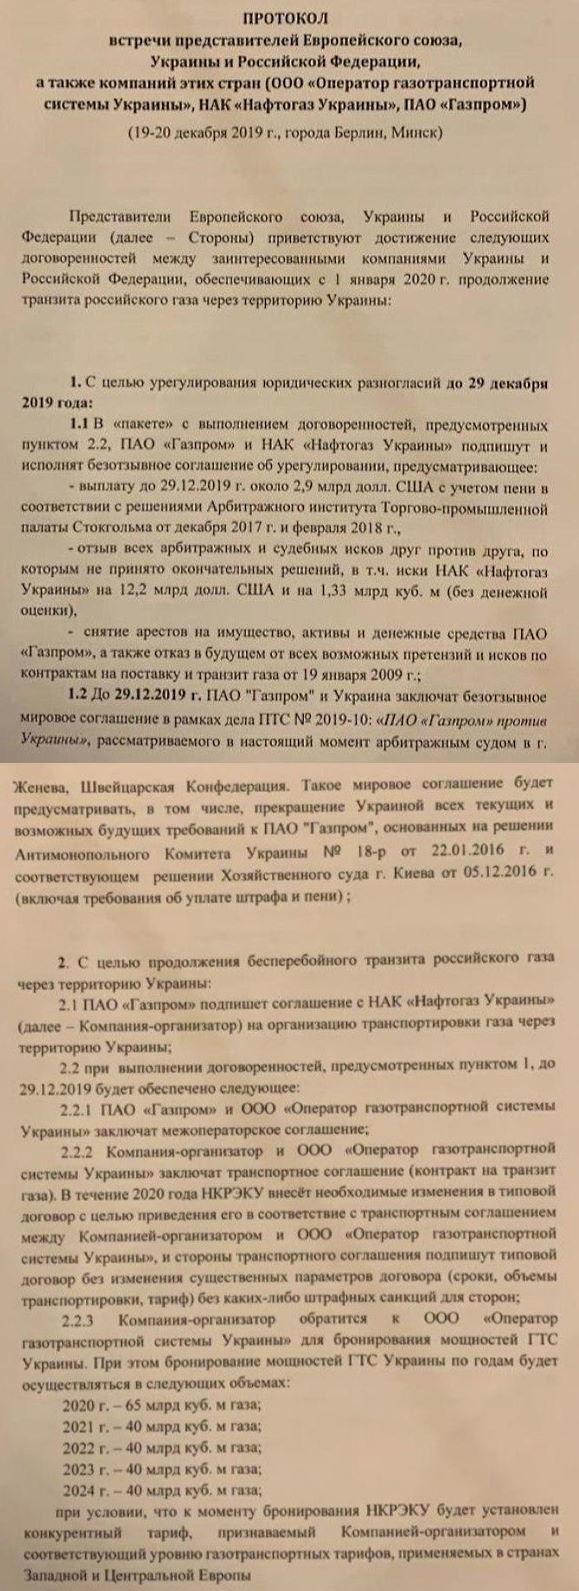 """Контракти з транзиту газу між """"Нафтогазом"""" і """"Газпромом"""" продовжать погоджувати 26 грудня, - Вітренко - Цензор.НЕТ 6815"""